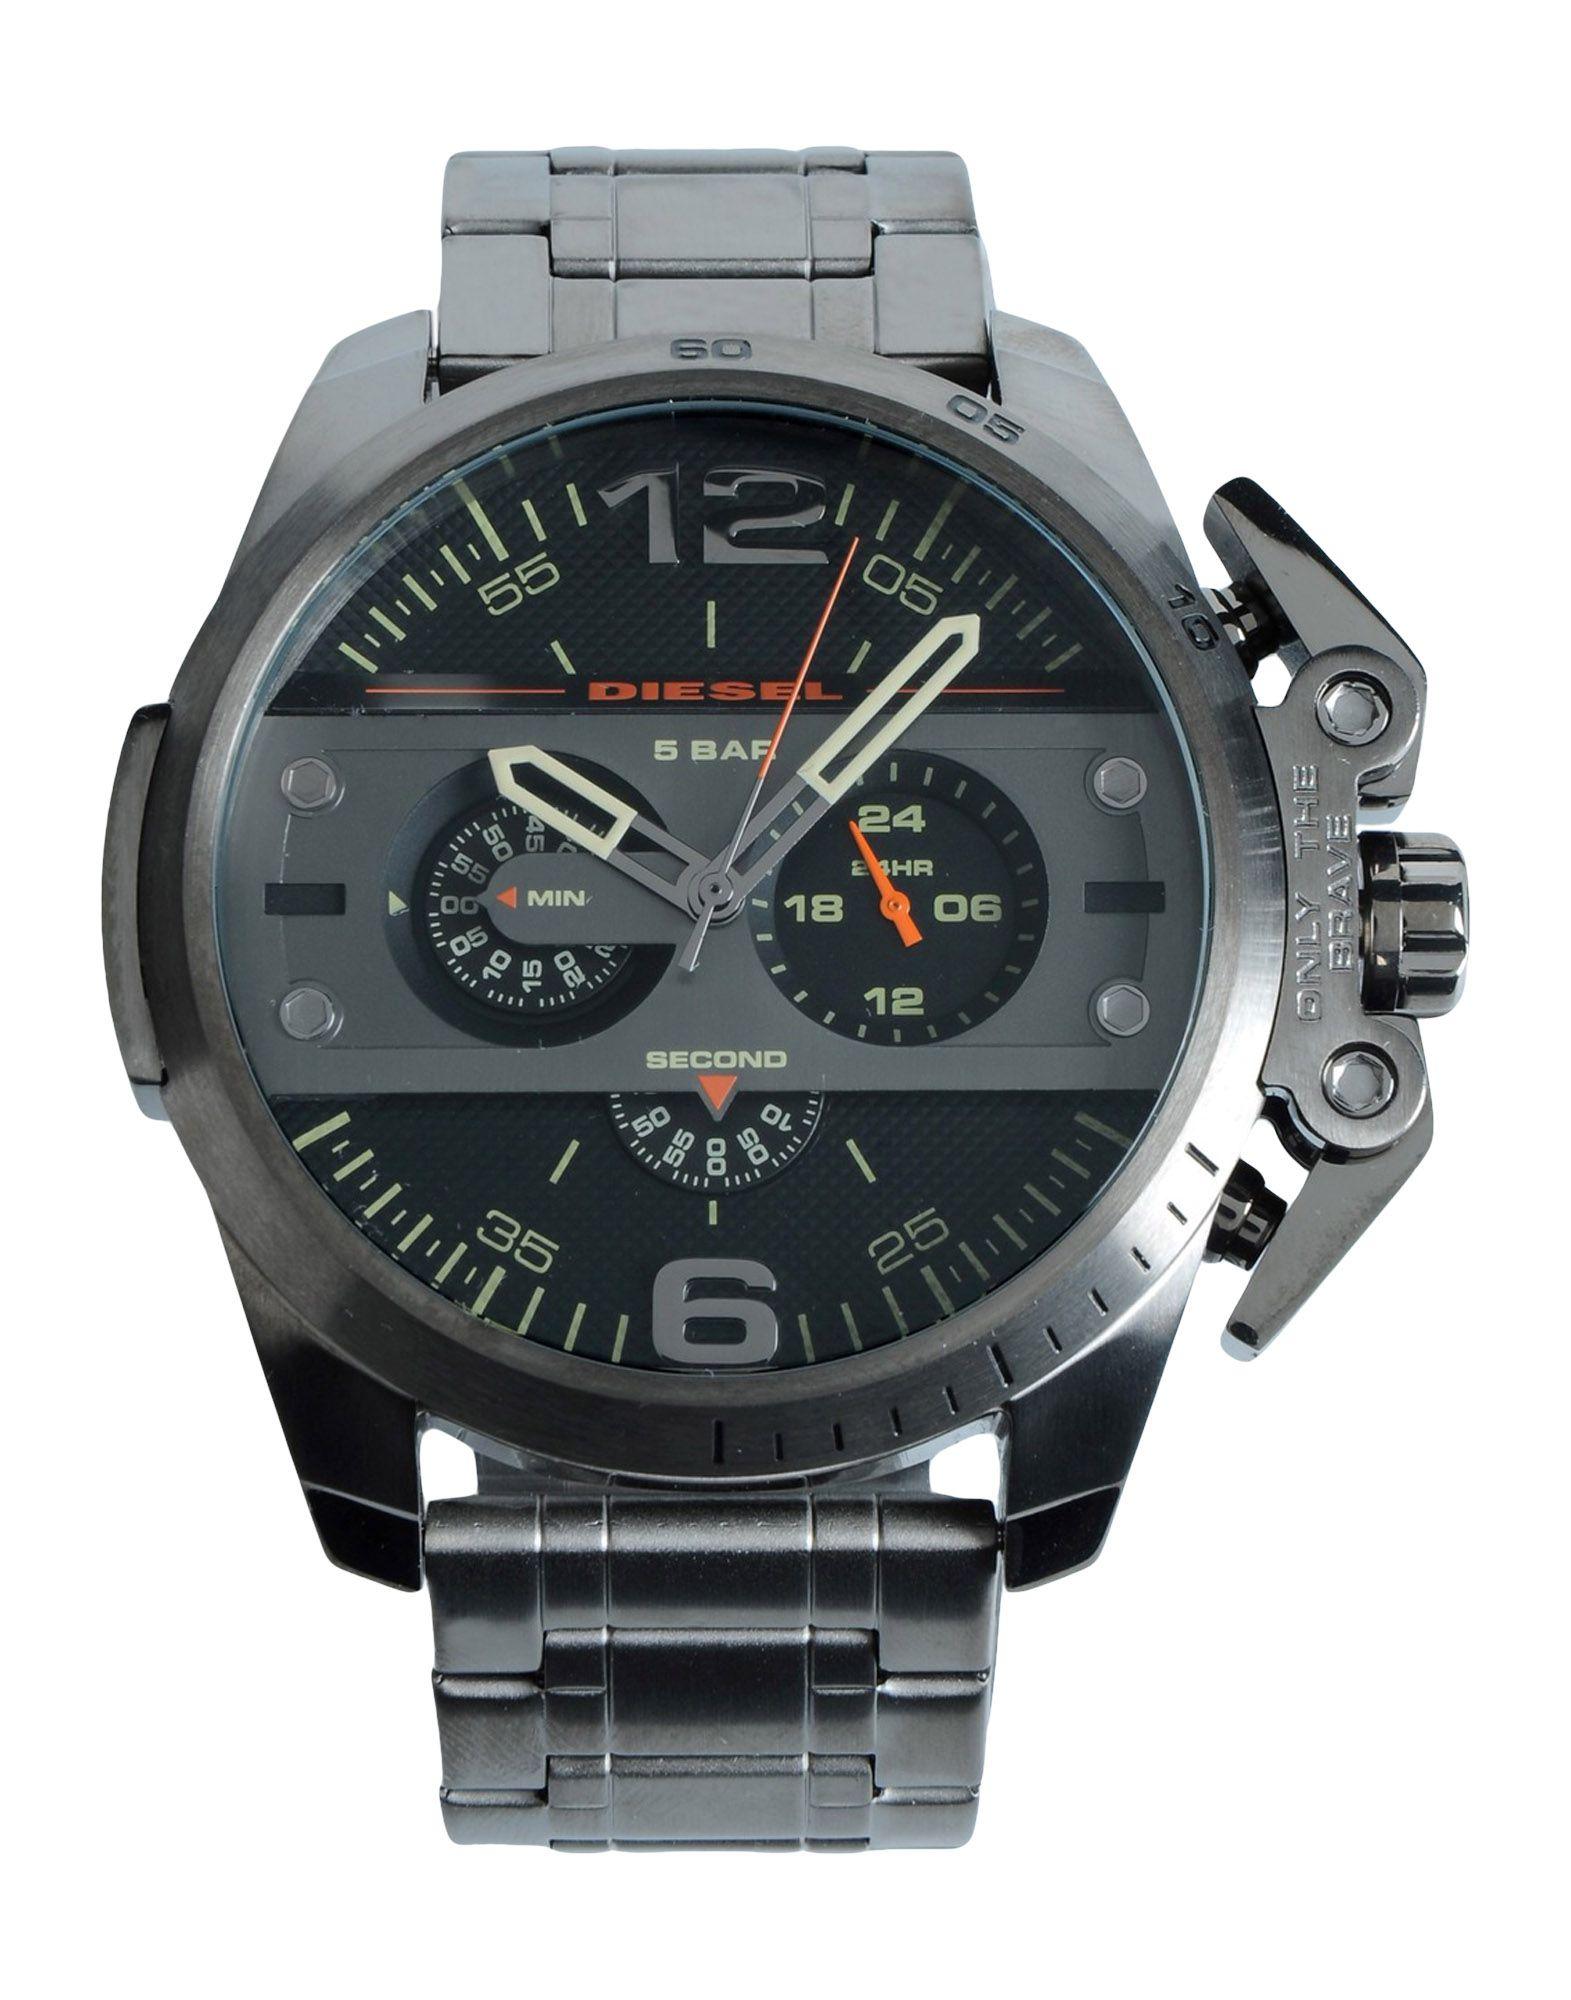 メンズ ディ-ゼル 腕時計 ブラック